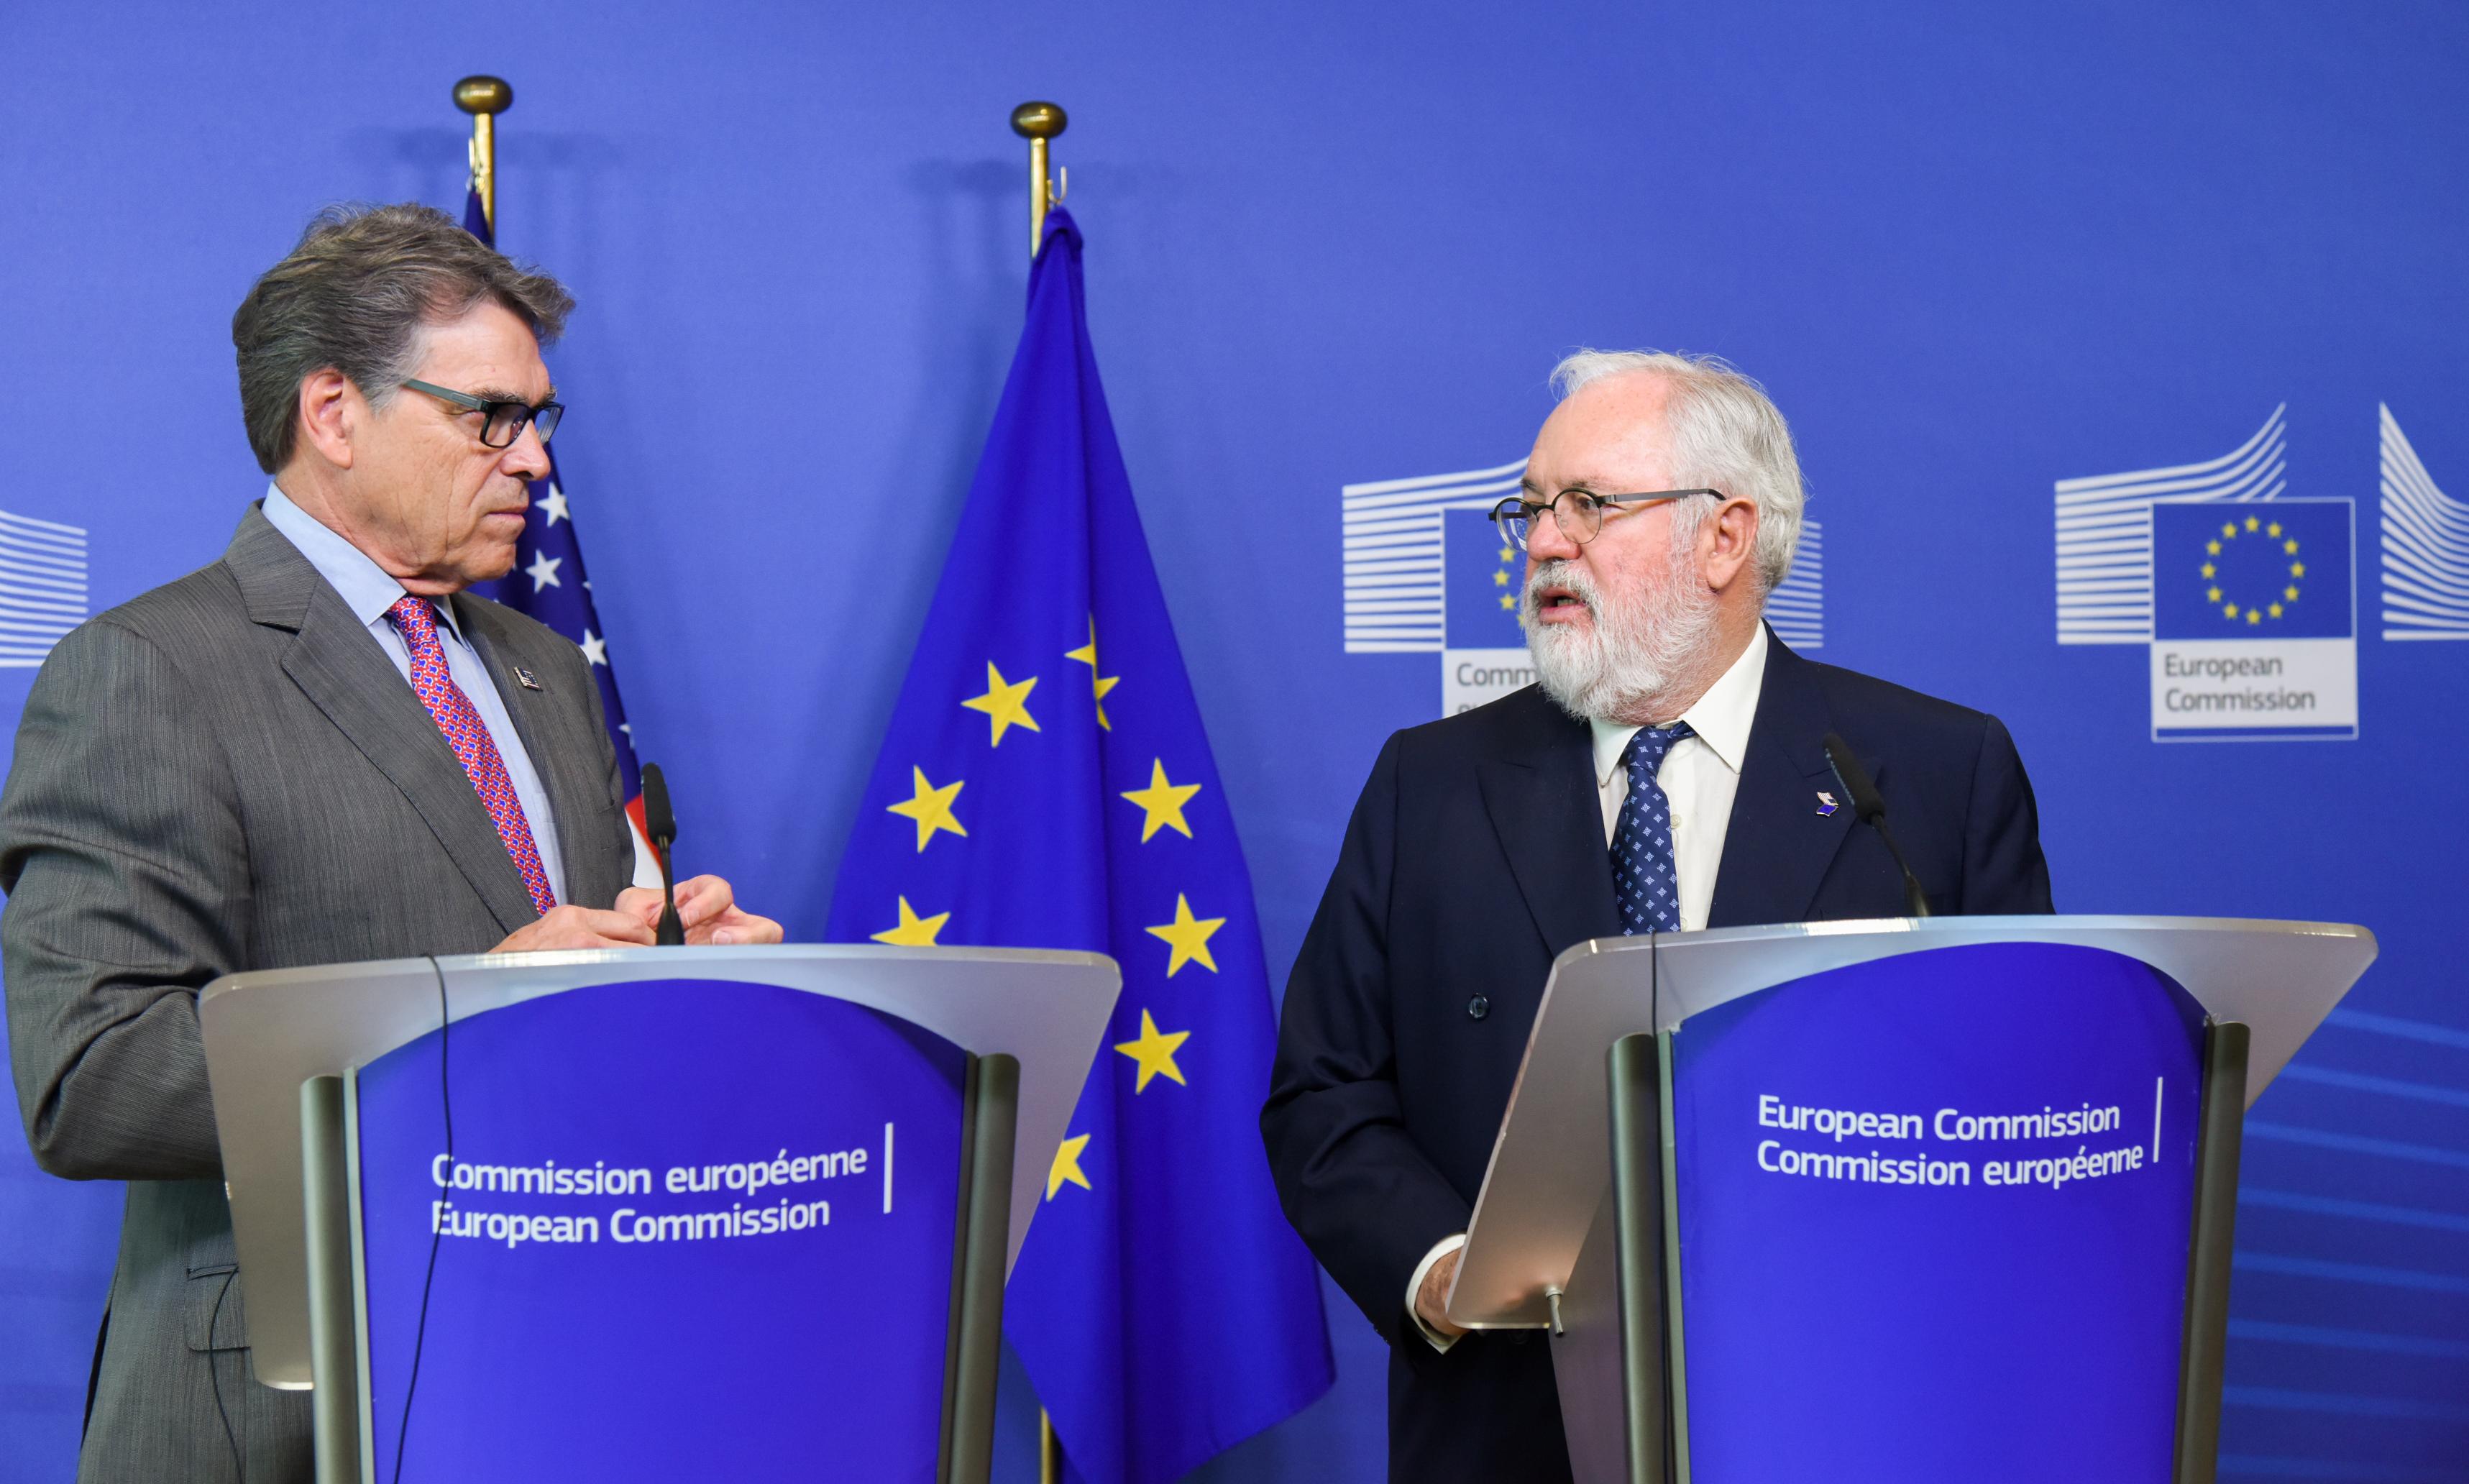 الاتحاد الأوروبي يؤكد التزامه الصارم بالاتفاق النووي مع إيران